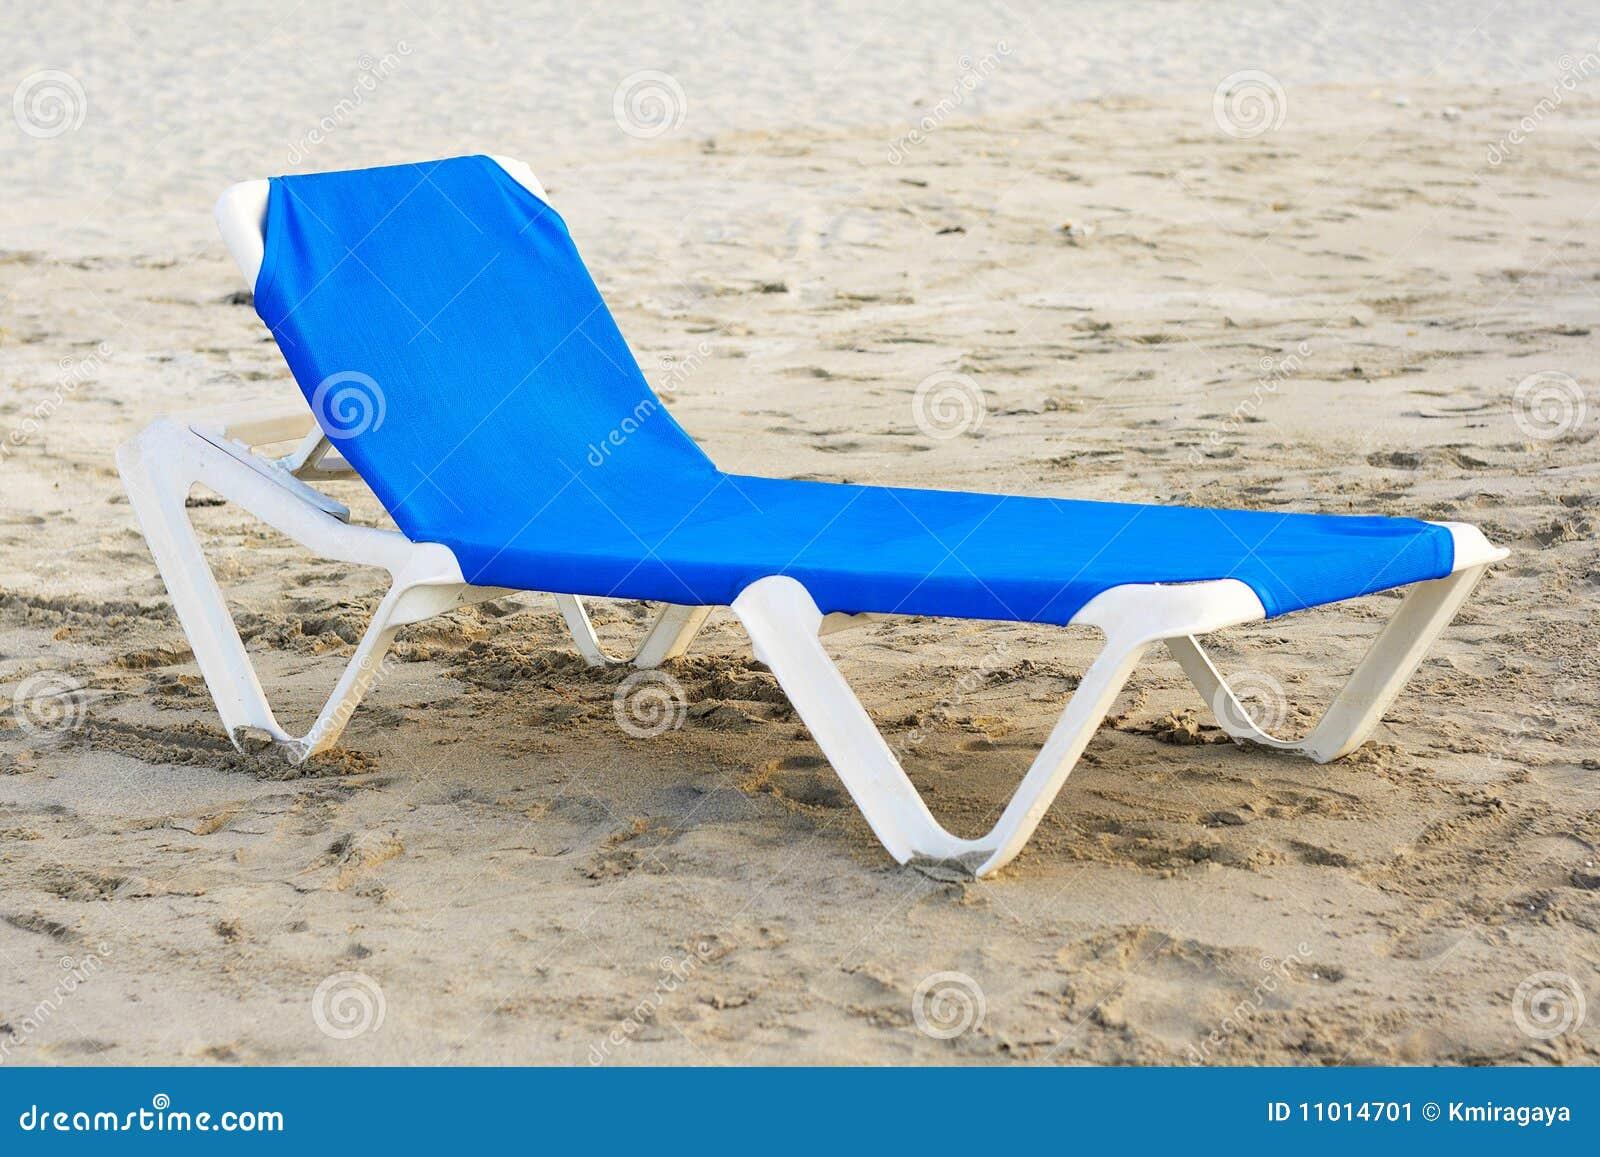 Silla de playa azul en una playa abandonada imagen de archivo imagen de cubo fondo 11014701 - Silla de playa ...